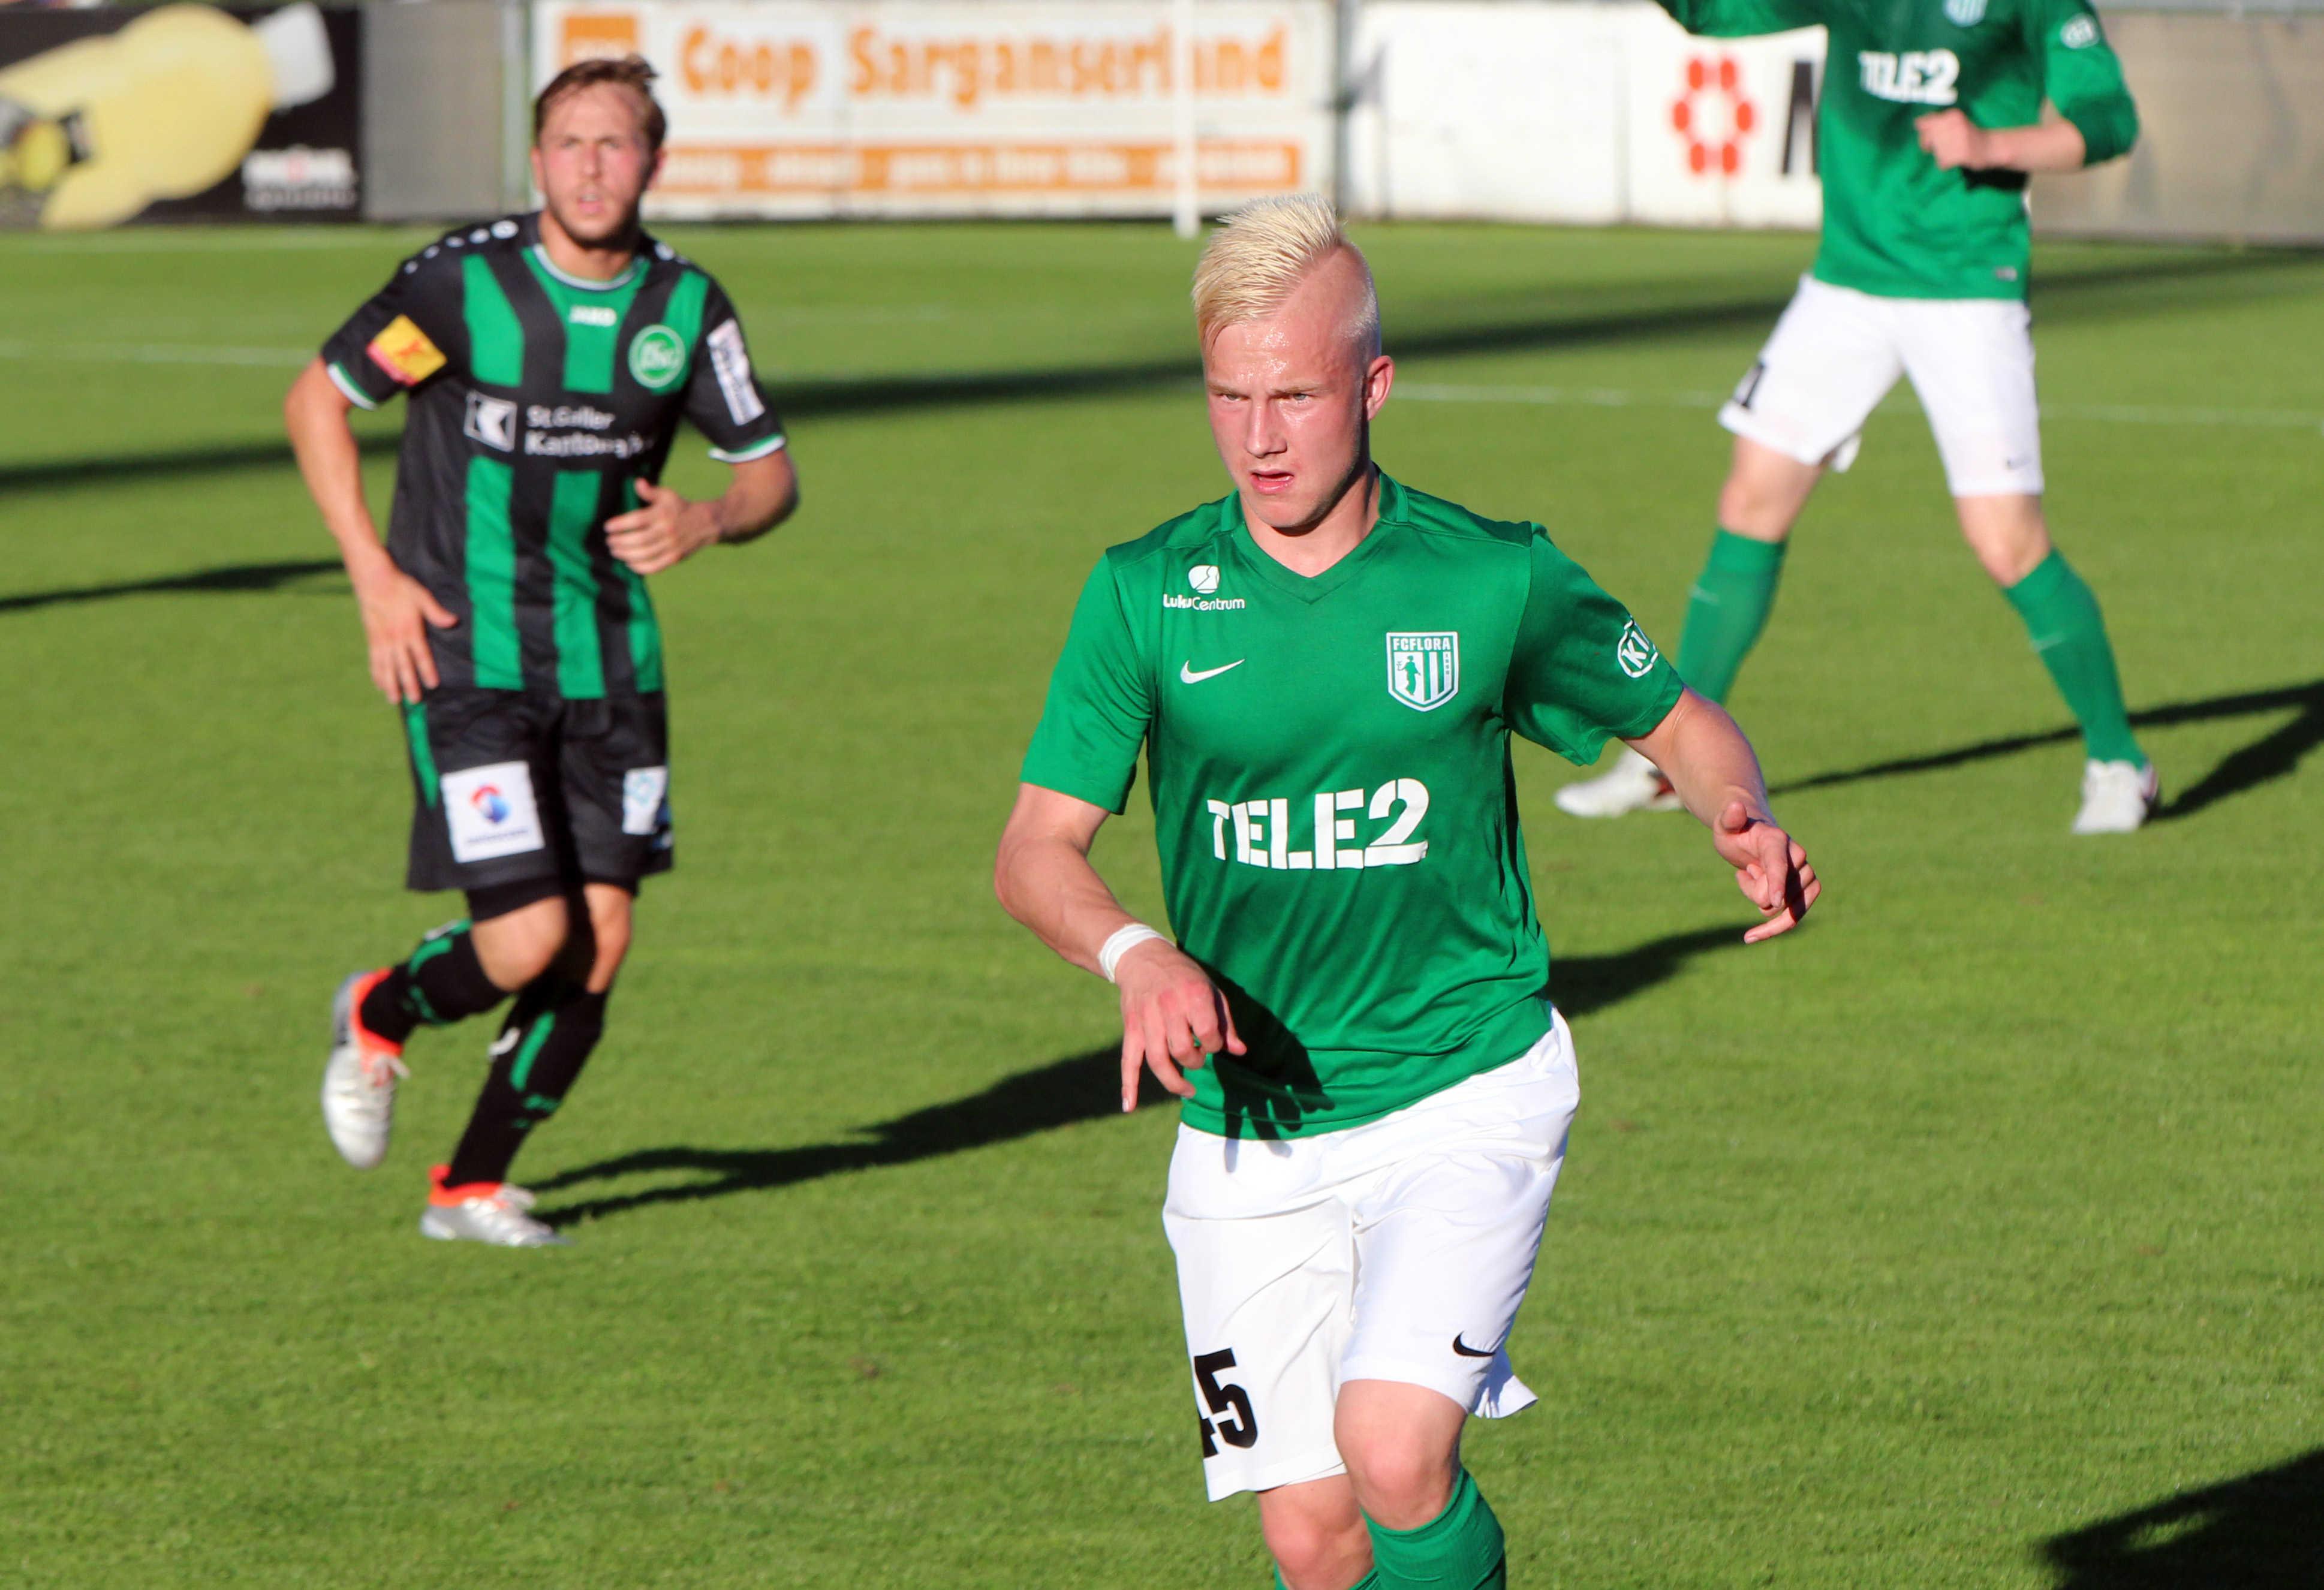 Henri Järvelaid treeningkohtumises Šveitsi kõrgliigaklubi St.Galleni vastu